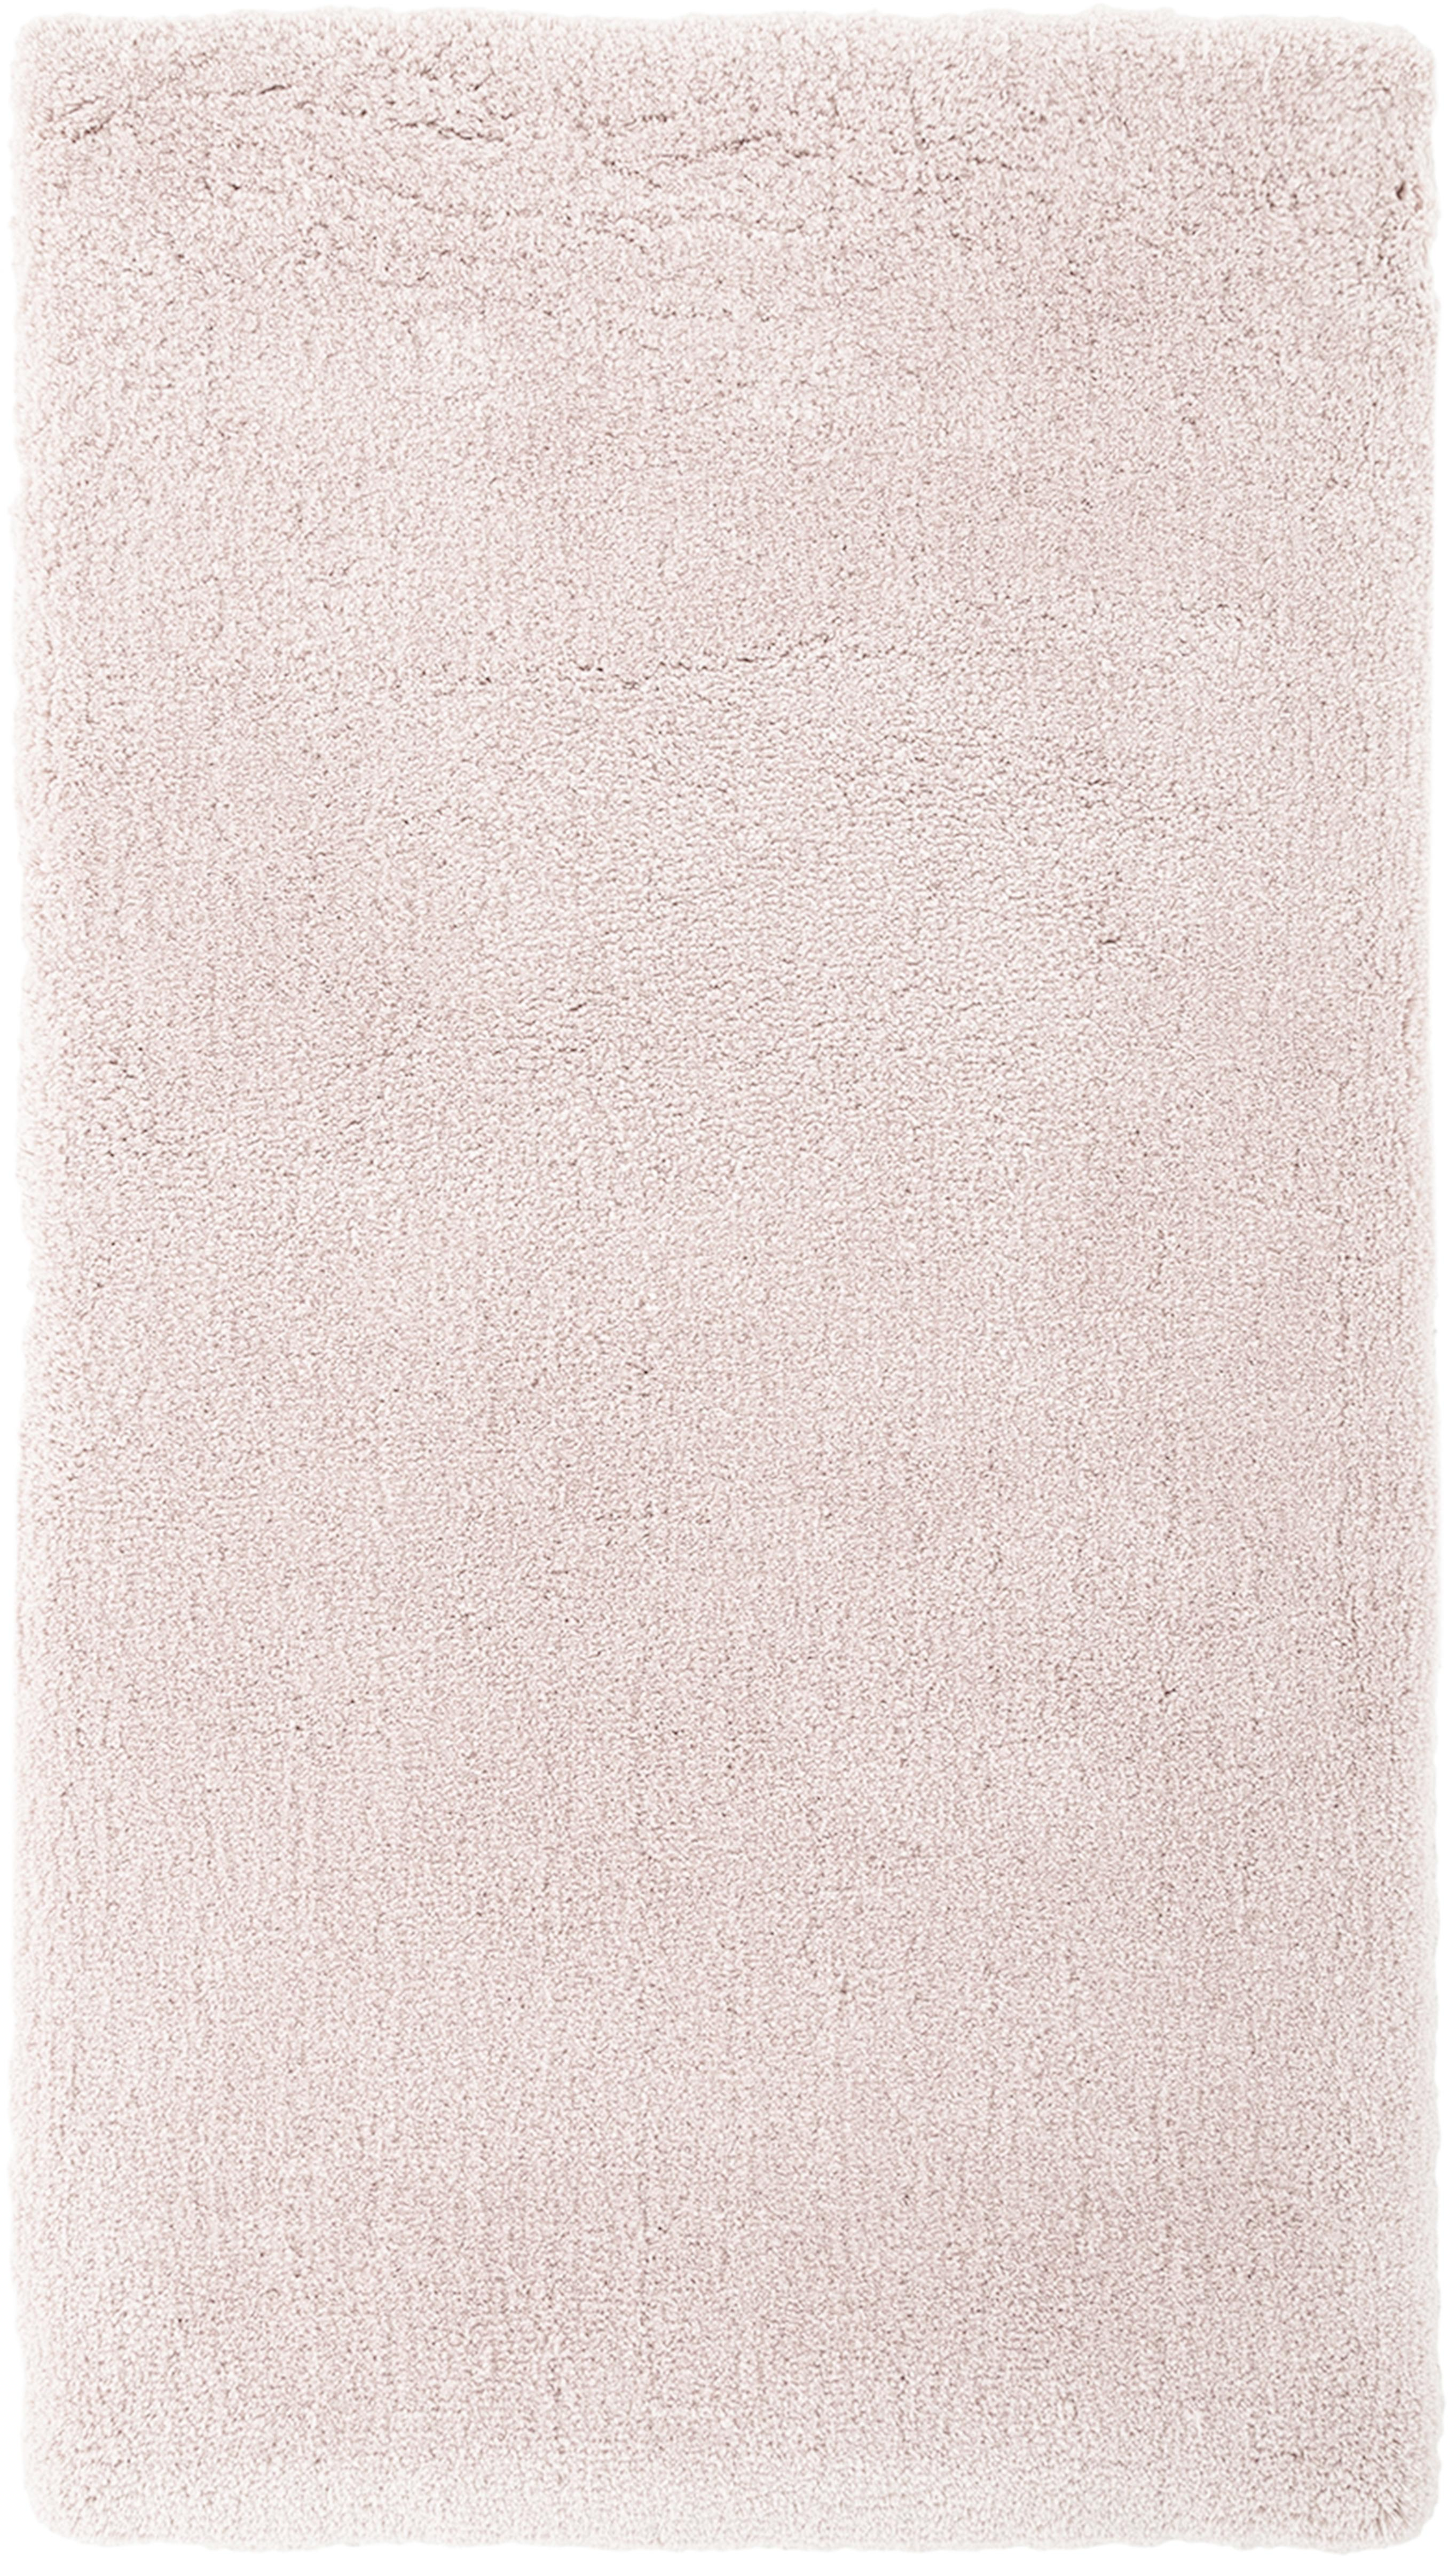 Pluizig hoogpolig vloerkleed Leighton in roze, Bovenzijde: 100% polyester (microveze, Onderzijde: 70% polyester, 30% katoen, Roze, B 80 x L 150 cm (maat XS)